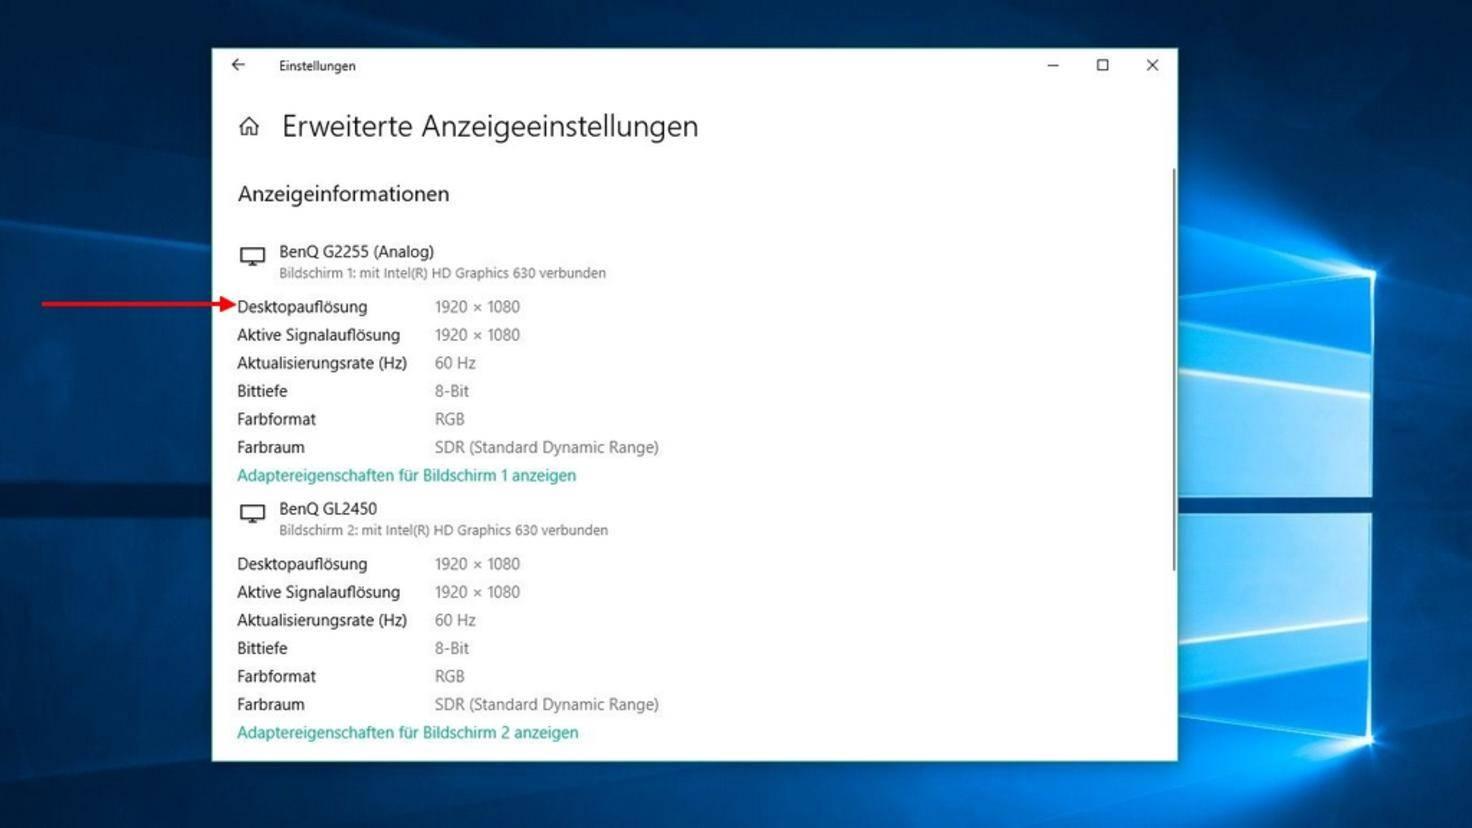 Anzeigeneinstellungen-Windows-10